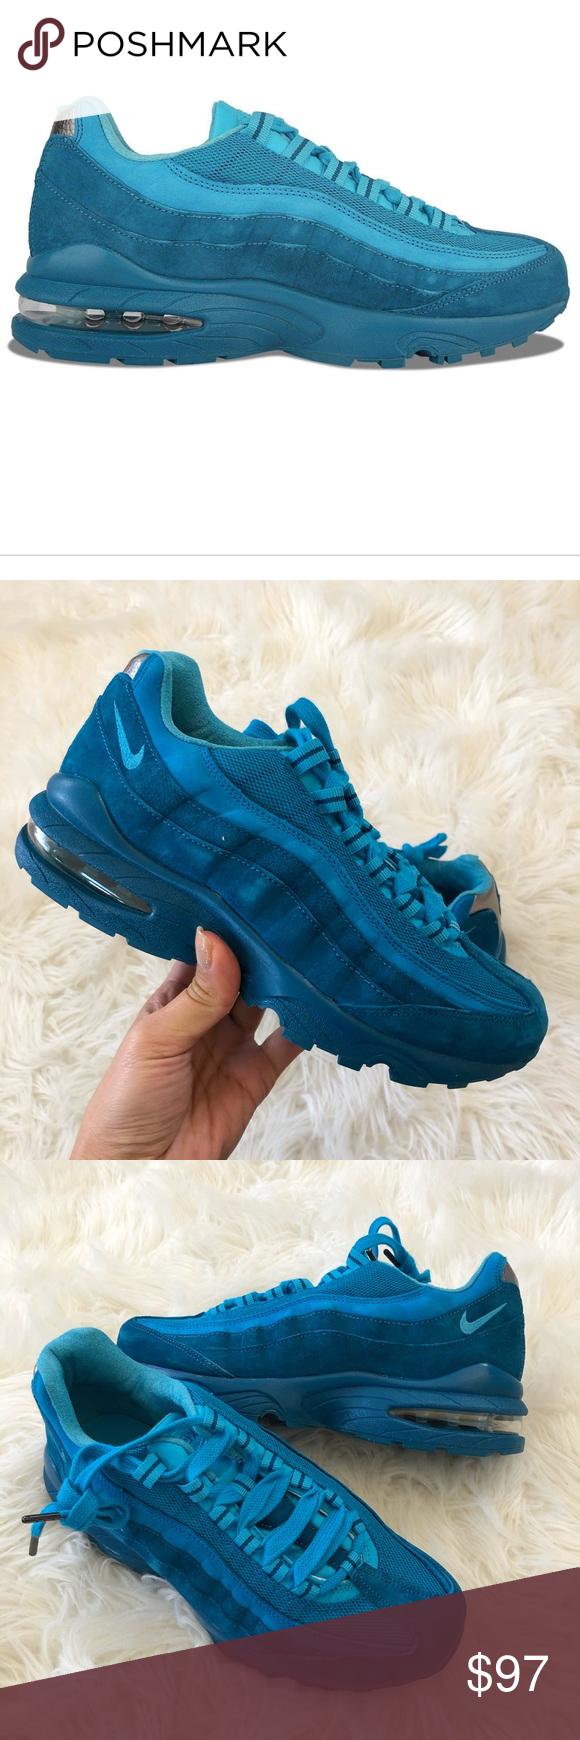 air max 95 blue fury